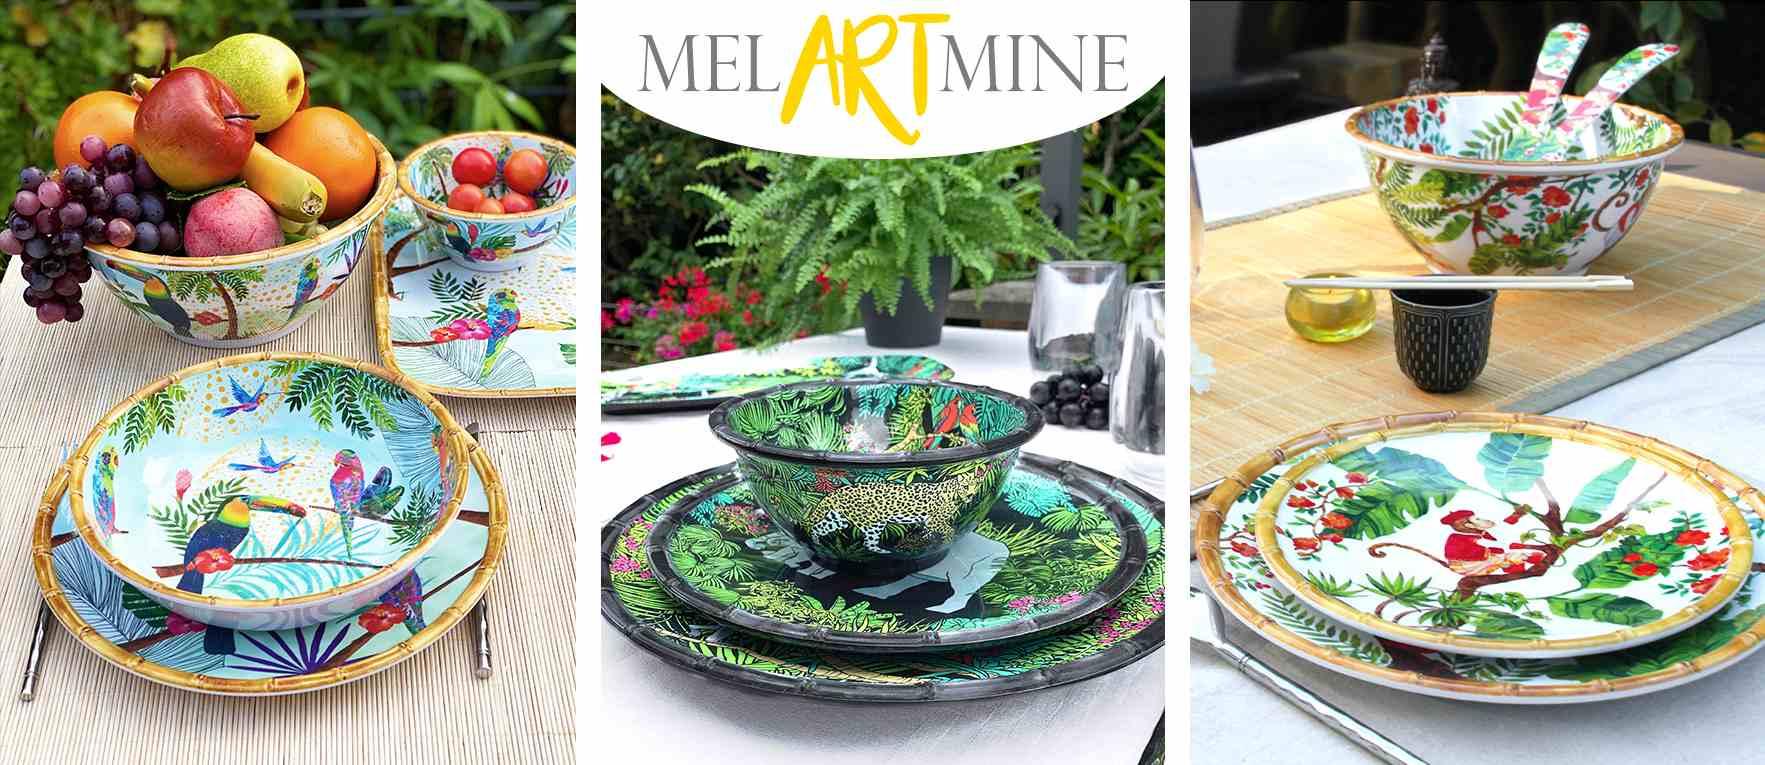 Melamine crockery : design art of entertaining